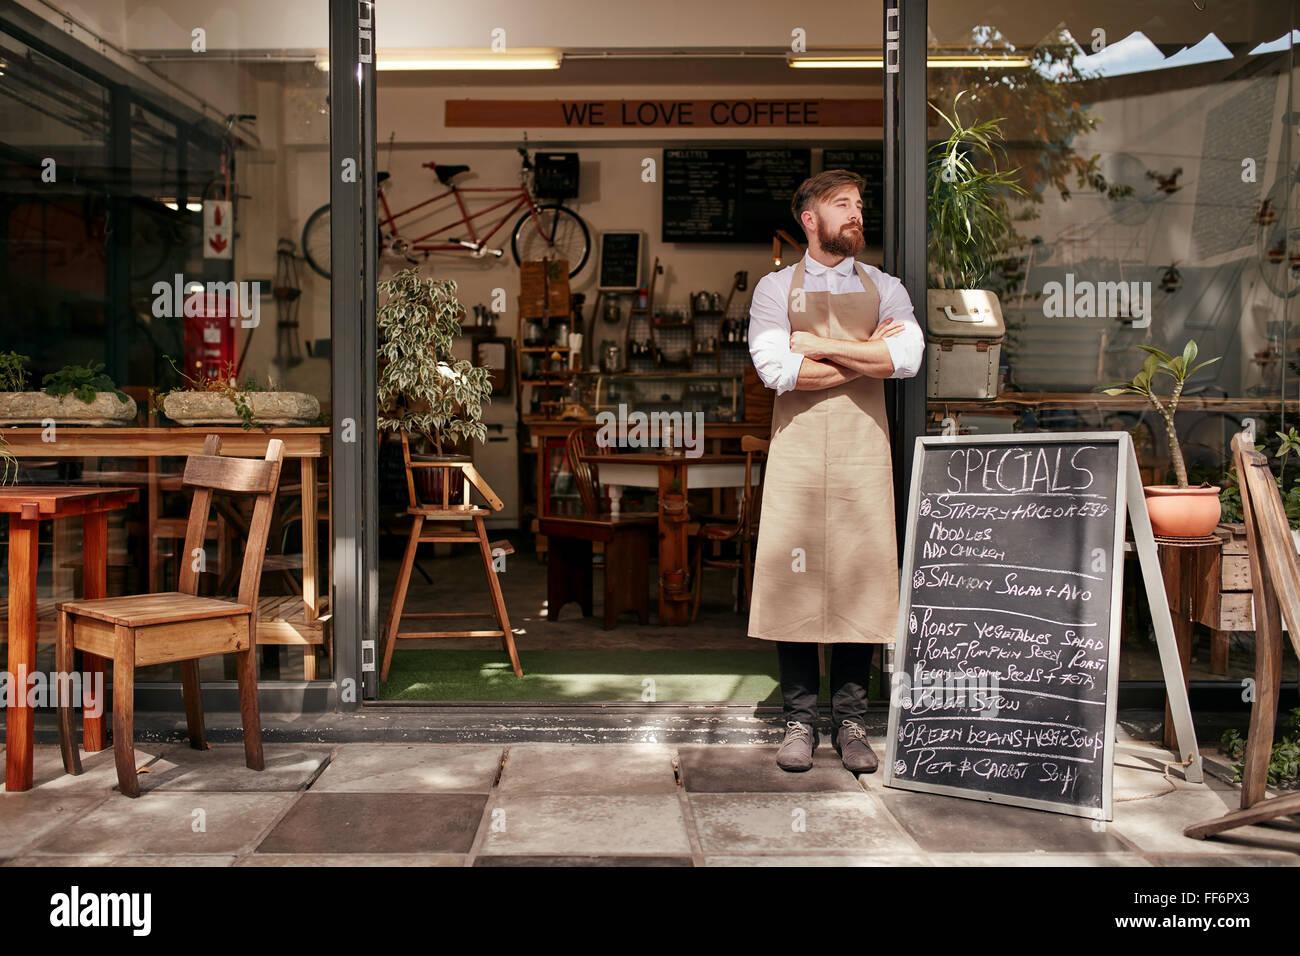 Porträt eines jungen Mannes stand vor seinem Café. Junger Mann mit Bart trägt eine Schürze stehen Stockbild